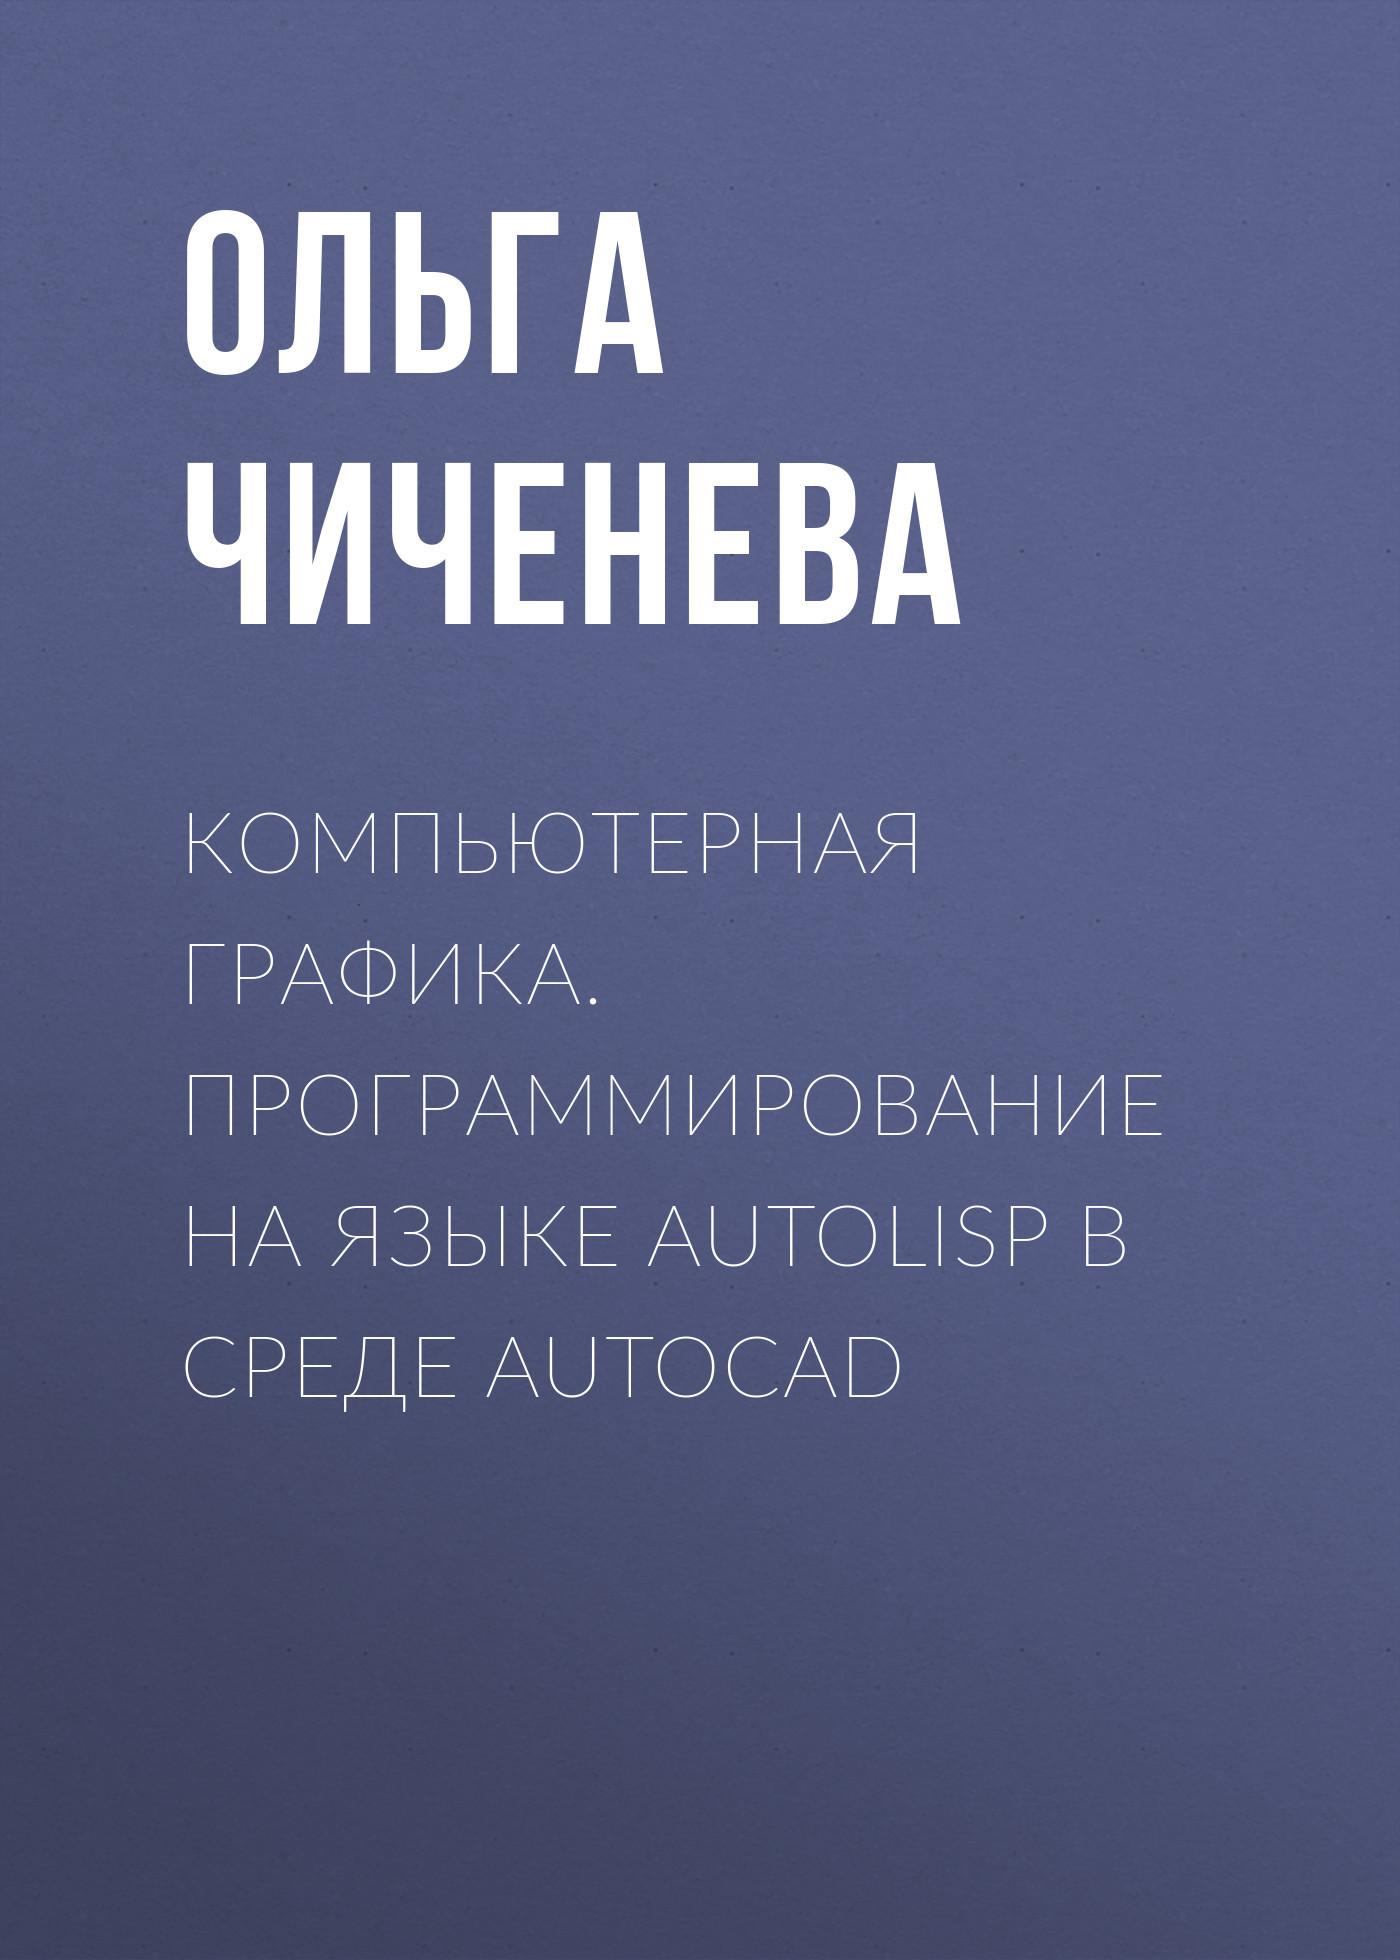 Ольга Чиченева бесплатно